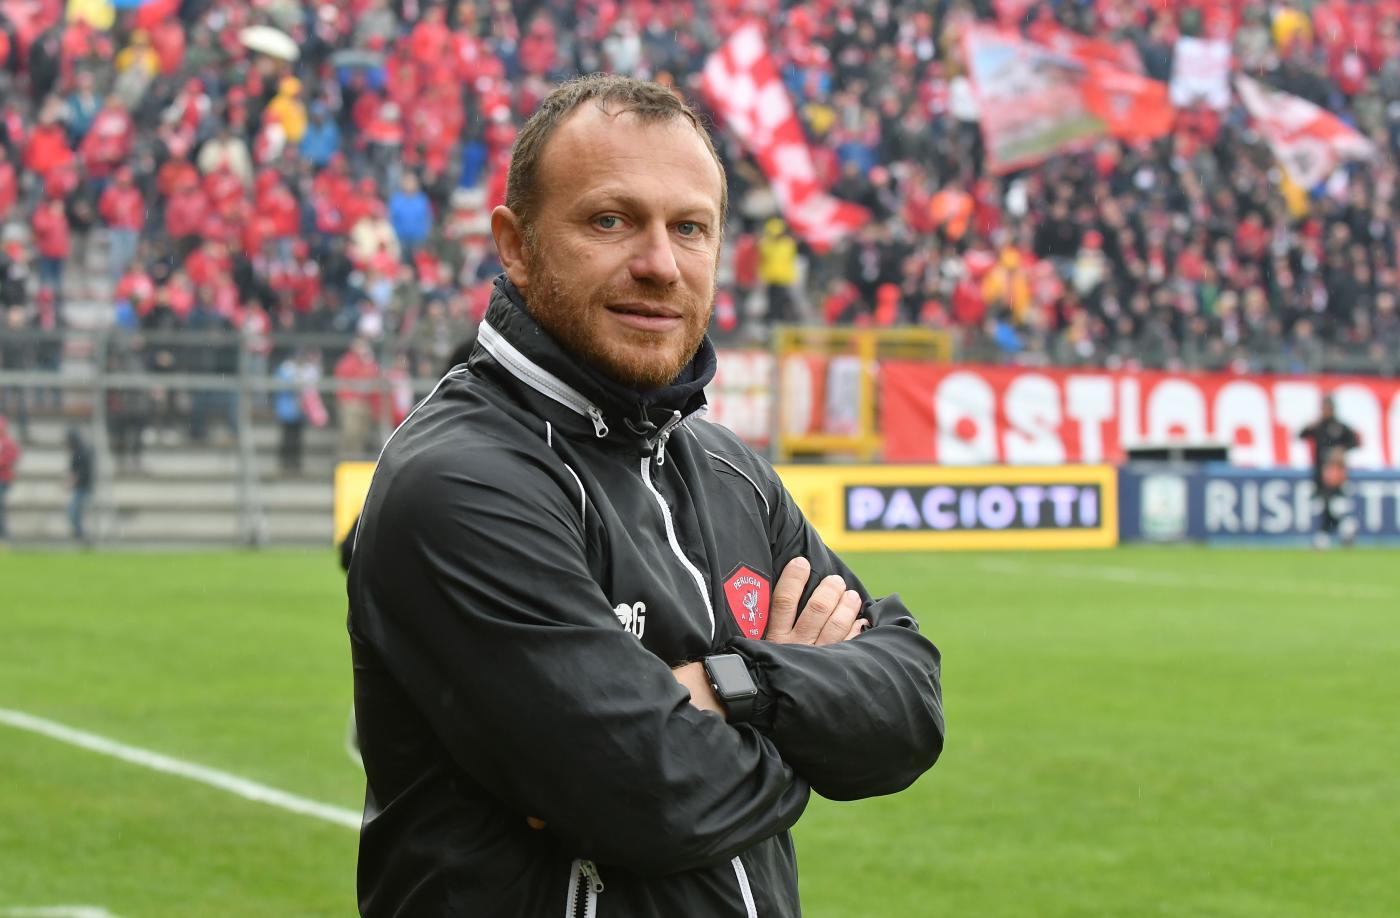 Un Allenatore al Giorno: Roberto Breda, ultima esperienza ...